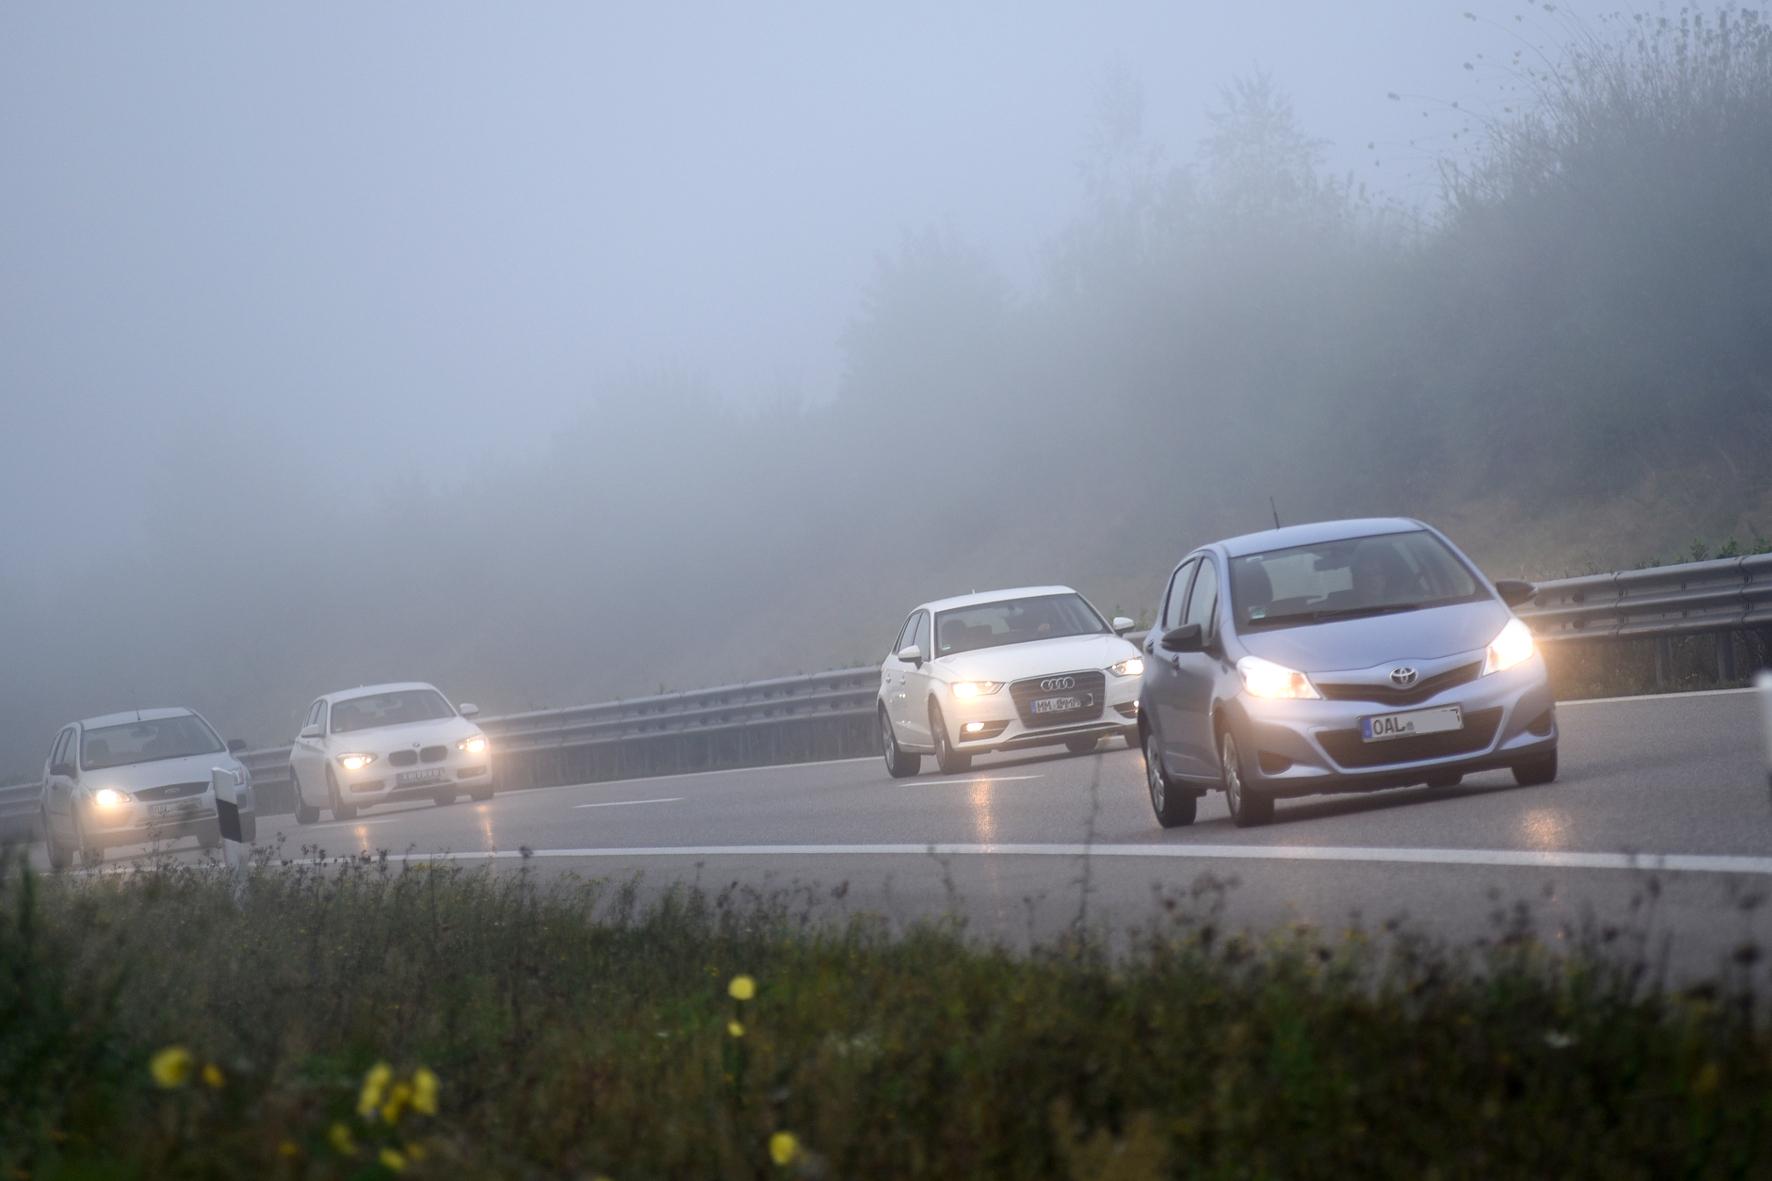 Wenn der Nebel kommt: Damit Autofahrer den Durchblick behalten, müssen sie in dieser Situation einige Grundregeln beachten.